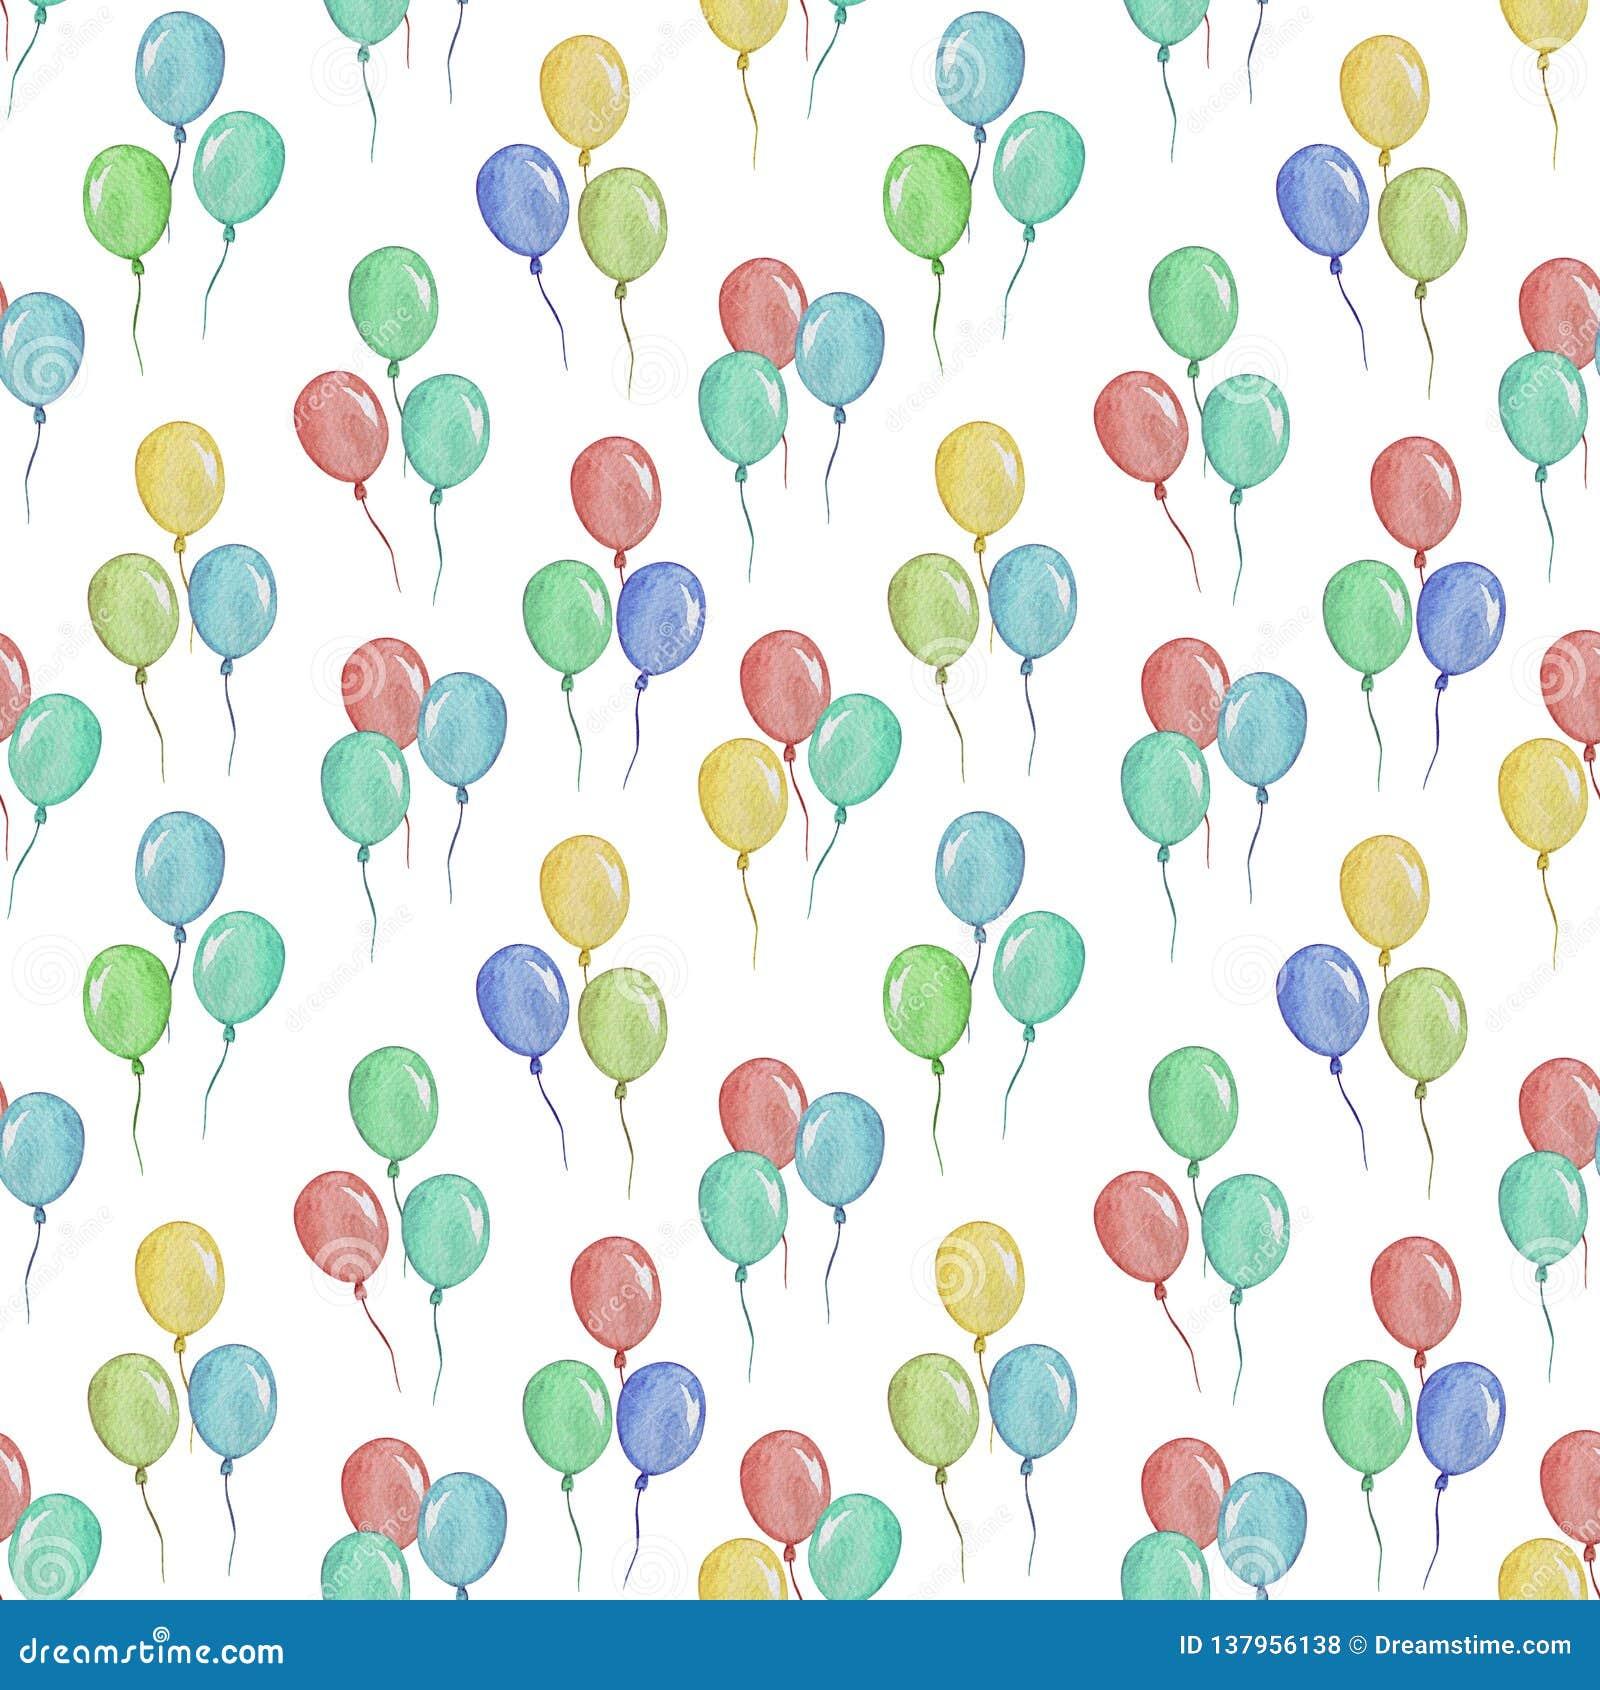 Waterverf naadloos patroon met ballons, illustratie voor de kleding van kinderen